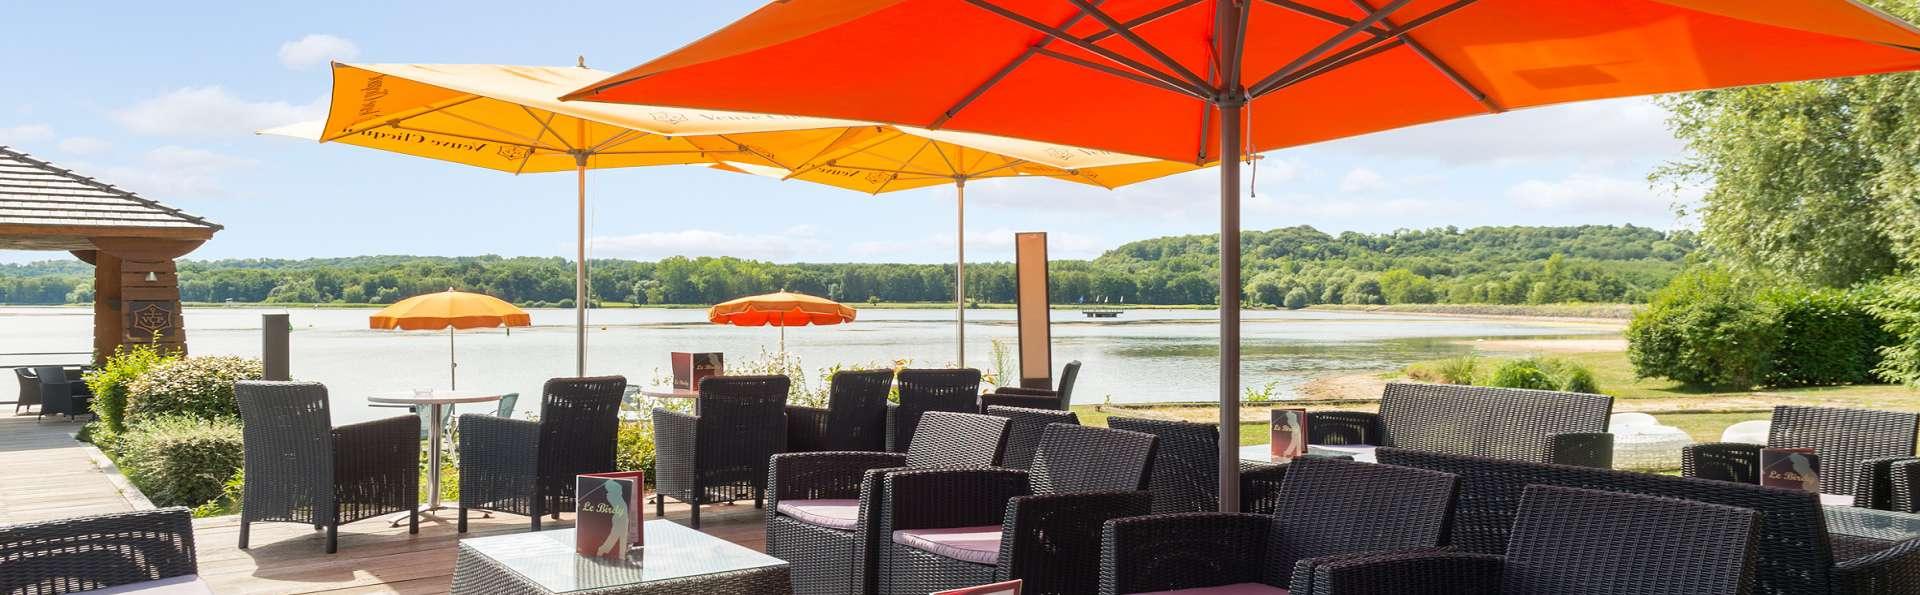 Week-end avec dîner sur les bords du lac de l'Ailette près de Reims